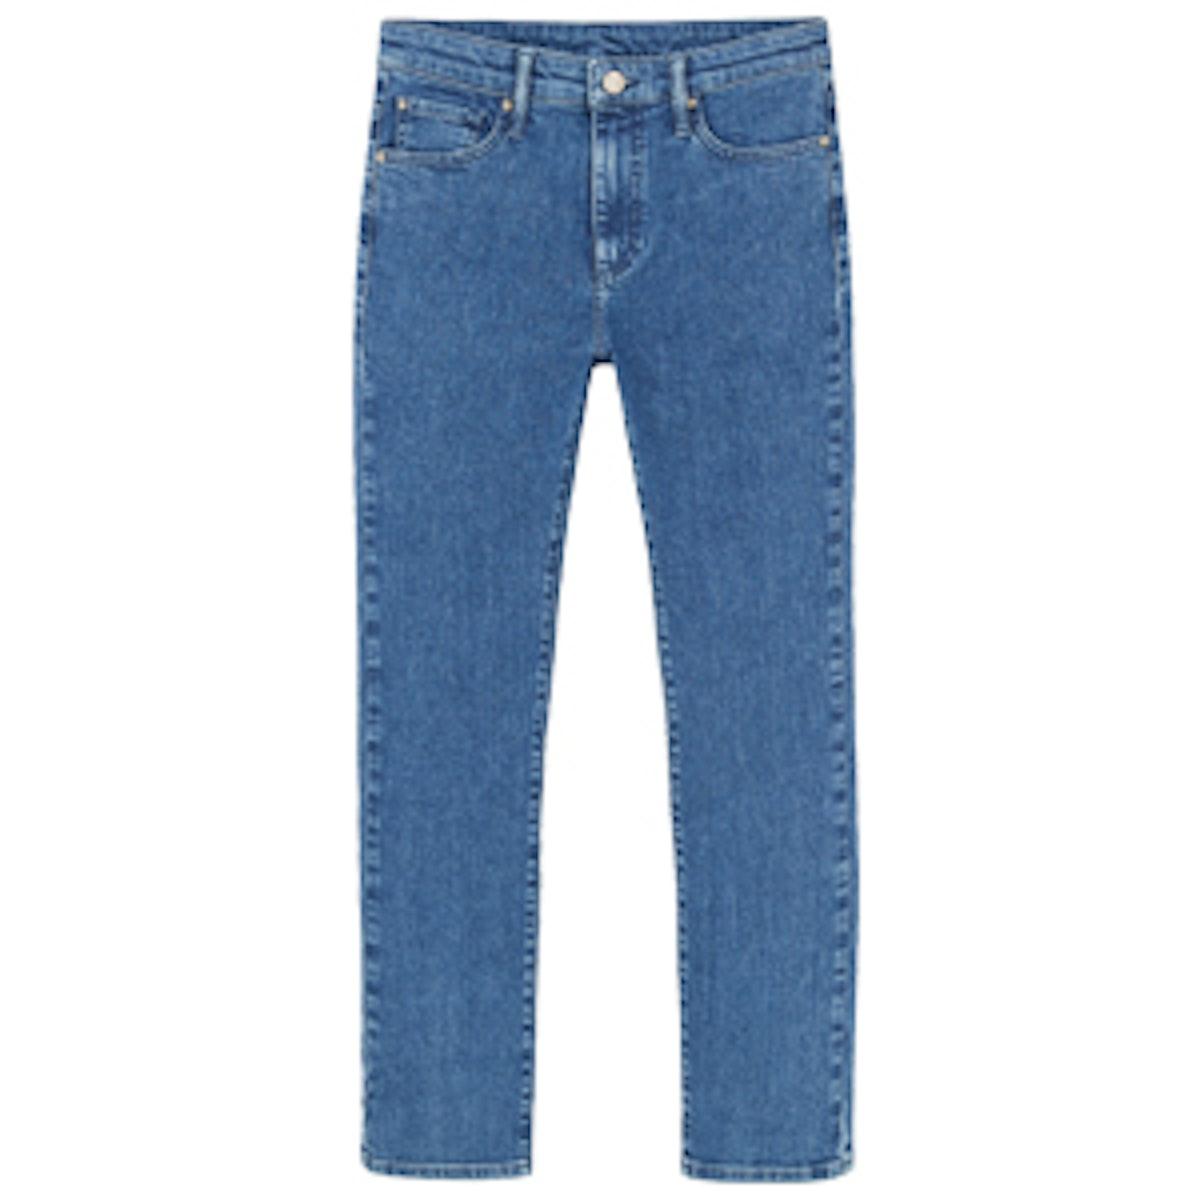 Alexa High Waist Jeans